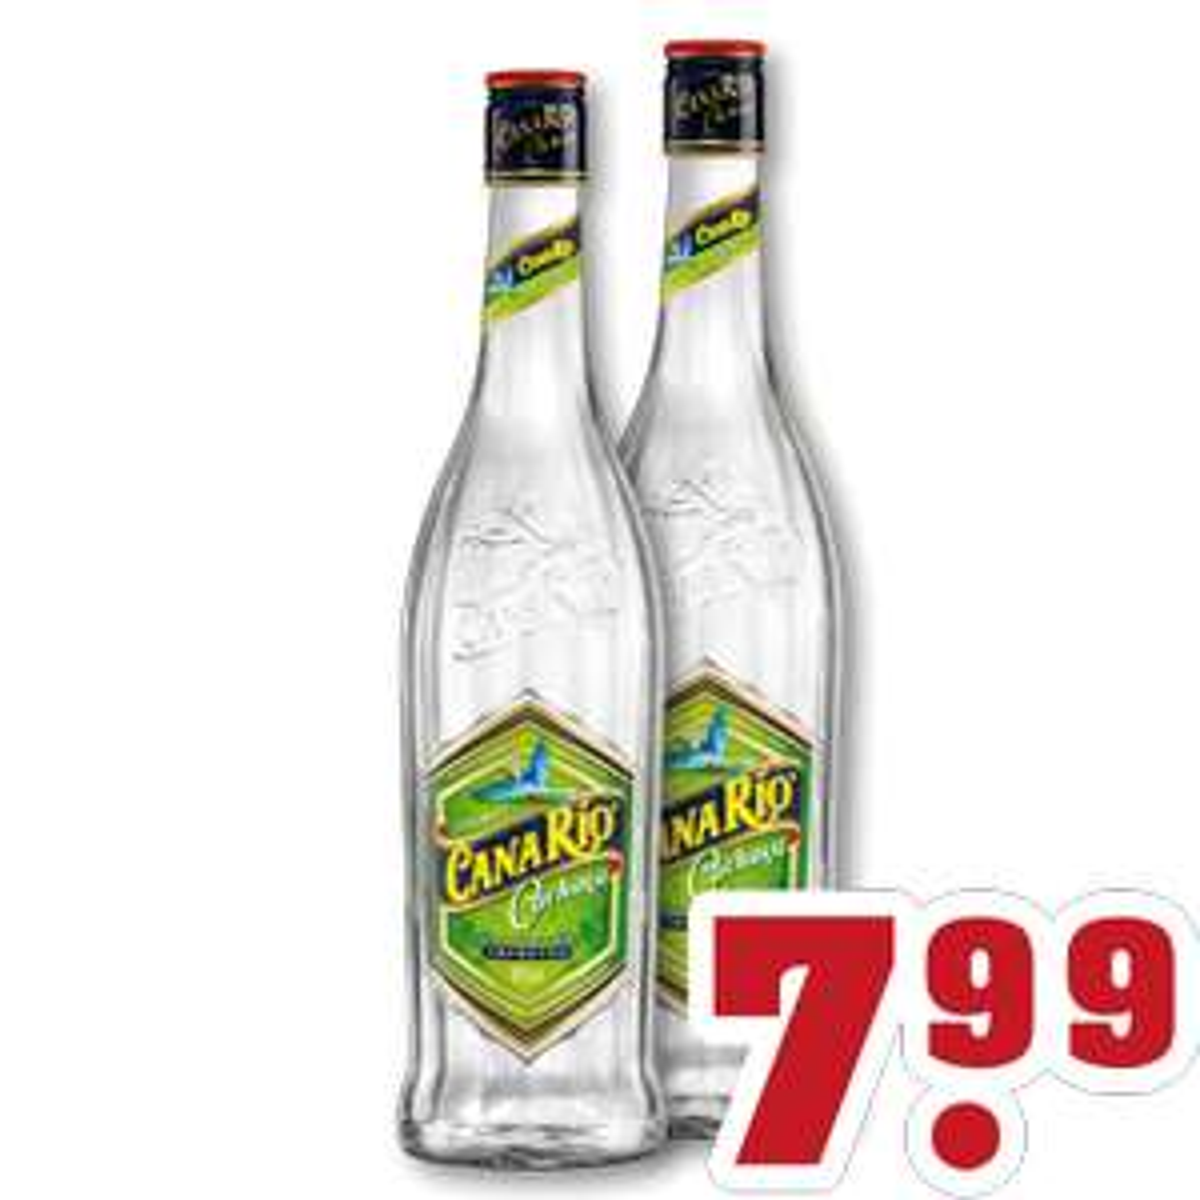 [Trinkgut] CanaRio Cachaca - günstiger und besser als Pitú